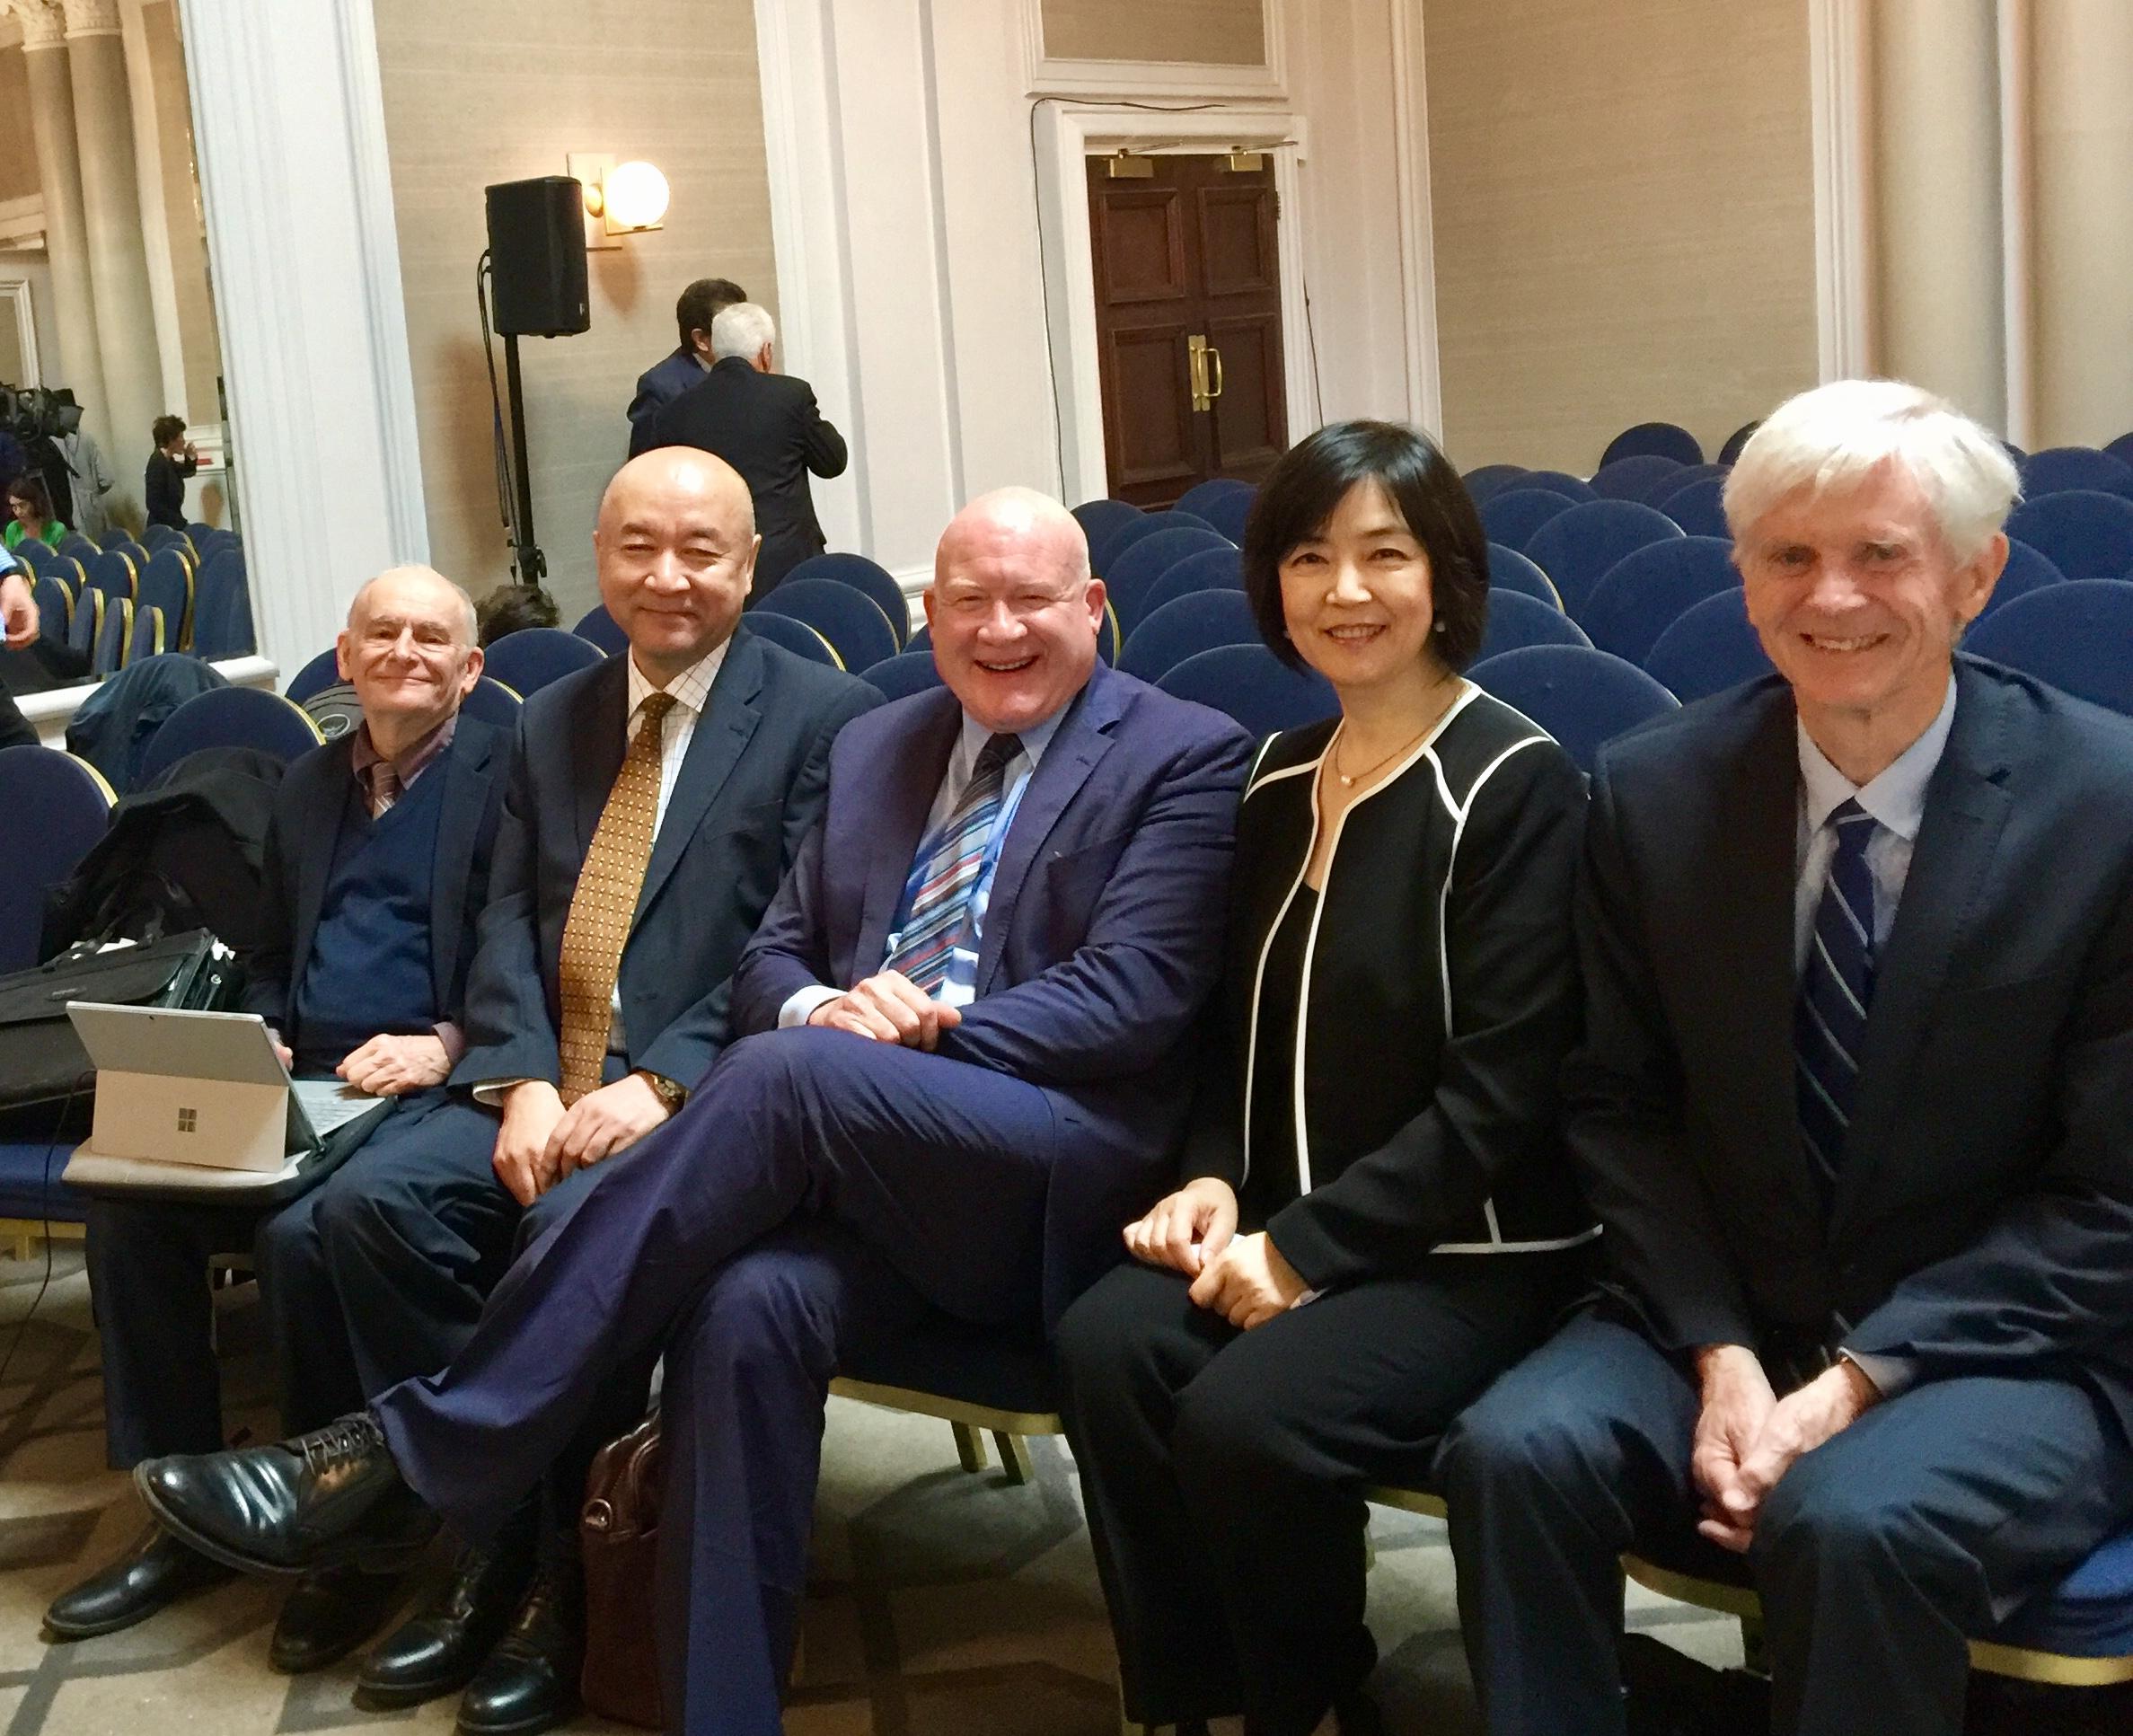 曾錚在開庭前與法庭證人(左起)大衛・麥塔斯(活摘器官調查報告作者)、新疆的維吾爾族外科 醫生 安華托蒂Enver Tohti(前新疆的維吾爾族外科醫生)、《大屠殺》作者葛特曼、大衛・喬高(活摘器官調查報告作者)合影。2019年6月17日。